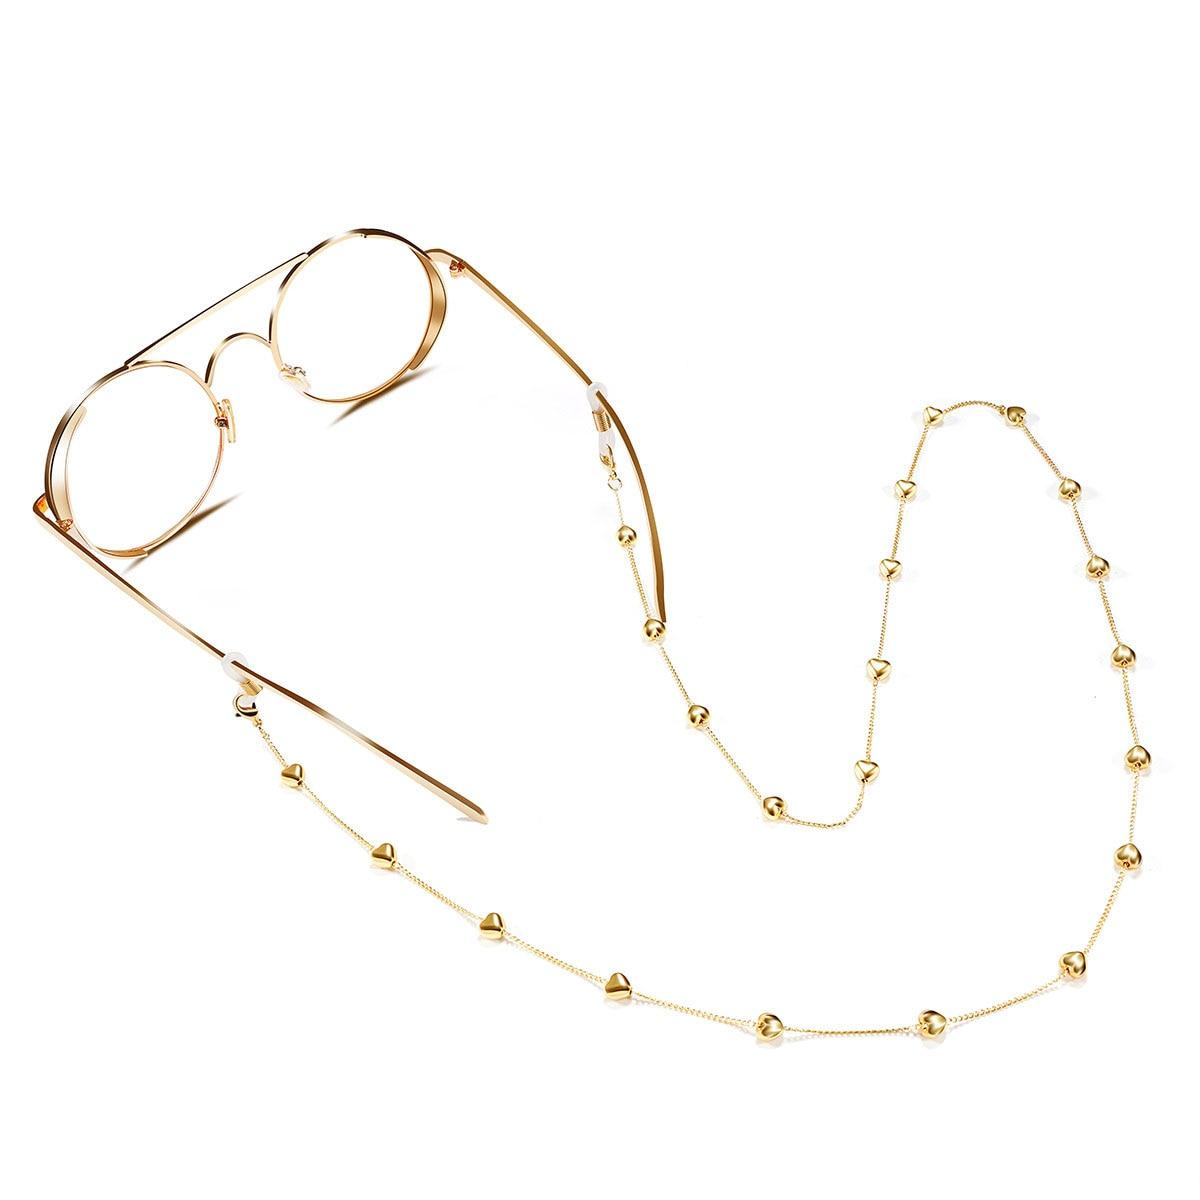 Correa de Metal para gafas de sol, cadena para gafas, cordón de cuerda, soporte antideslizante para gafas, accesorio para gafas